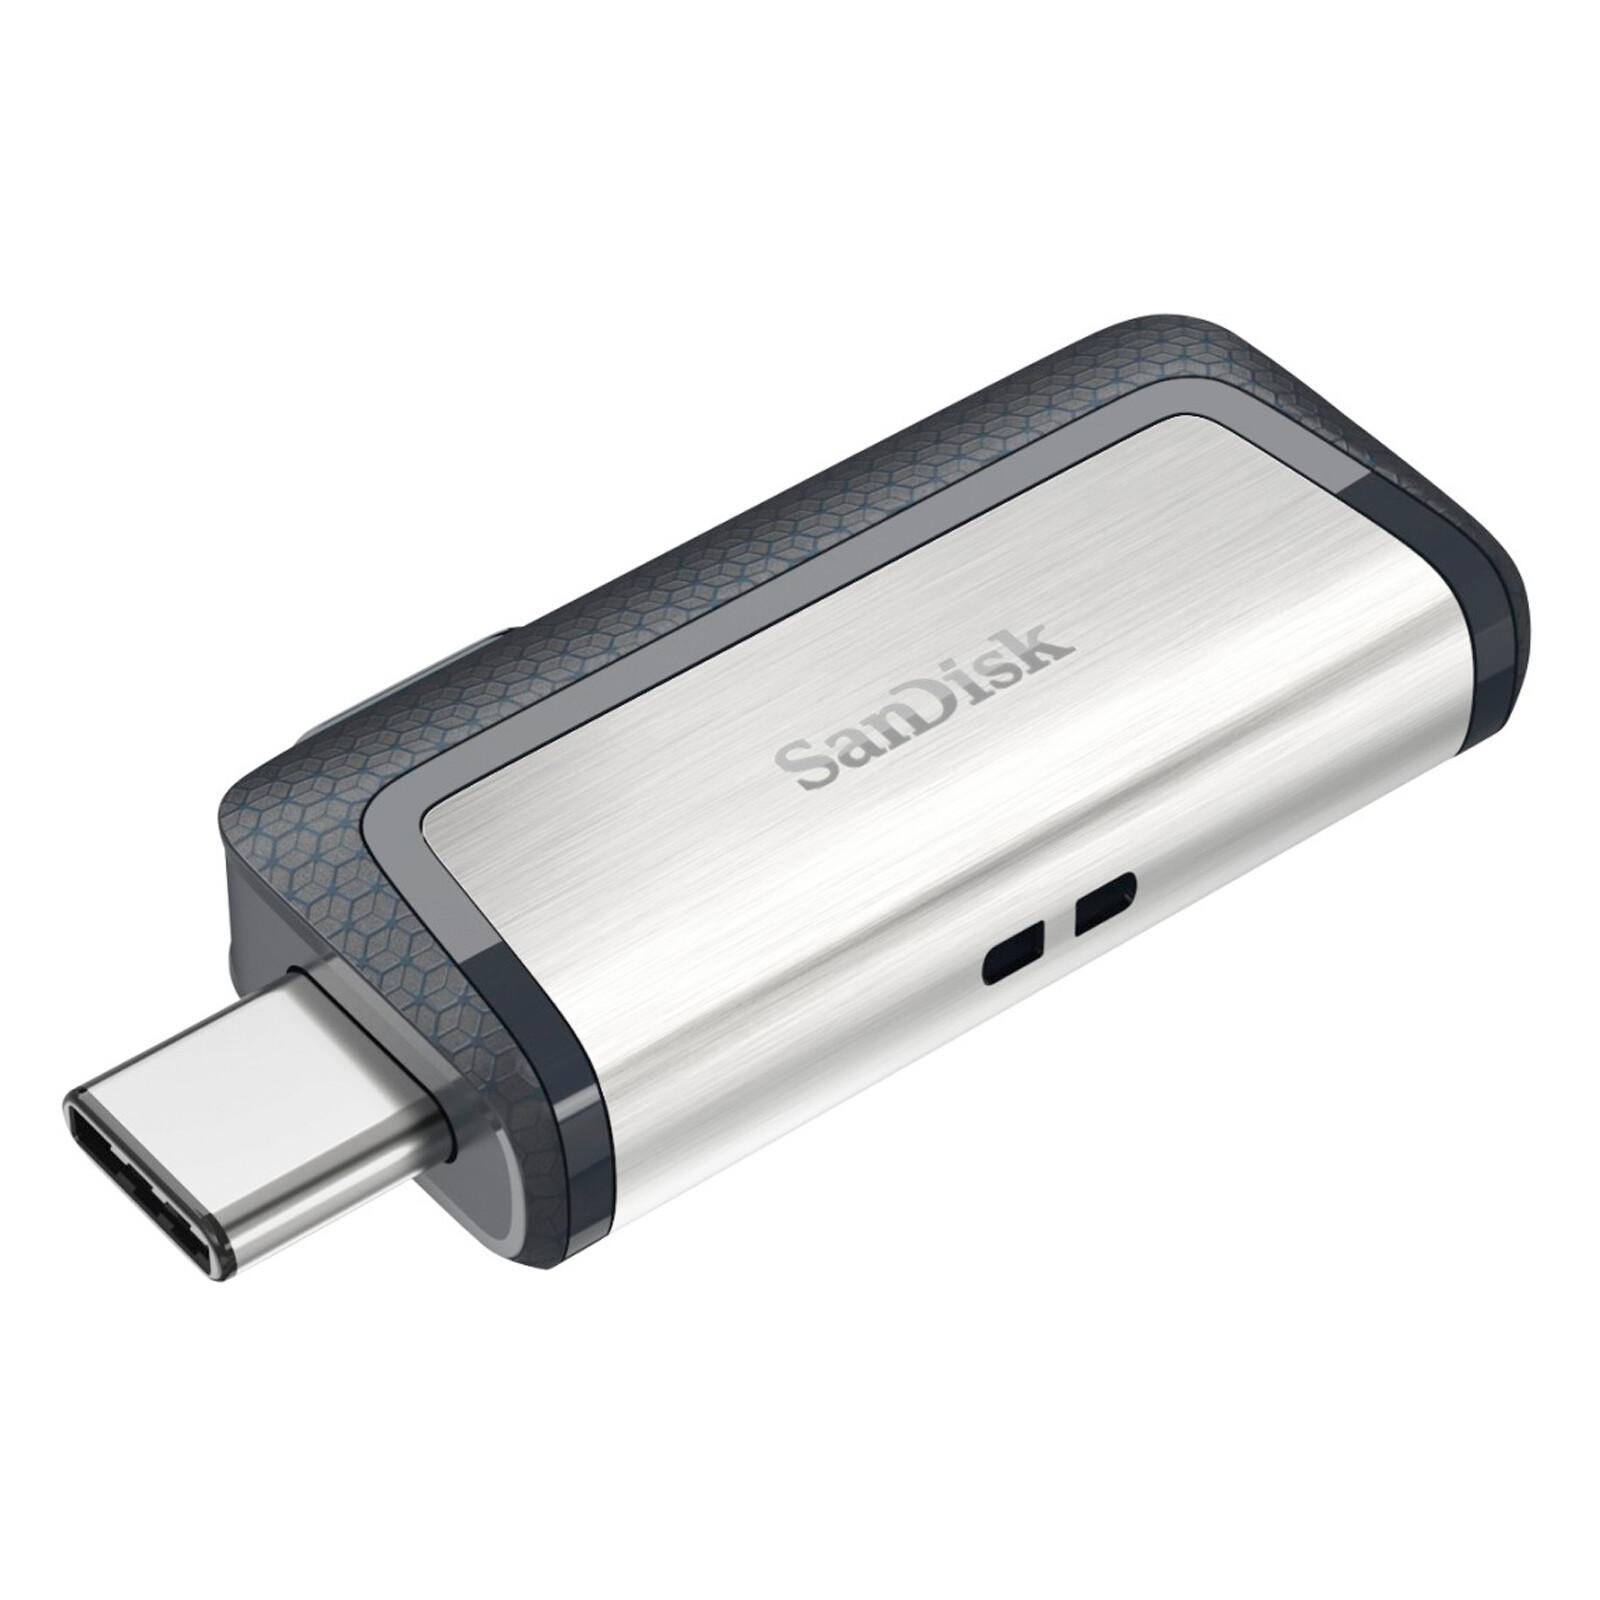 SanDisk 128GB Cruzer Ultra Dual Drive USB 3.1 150MB/s